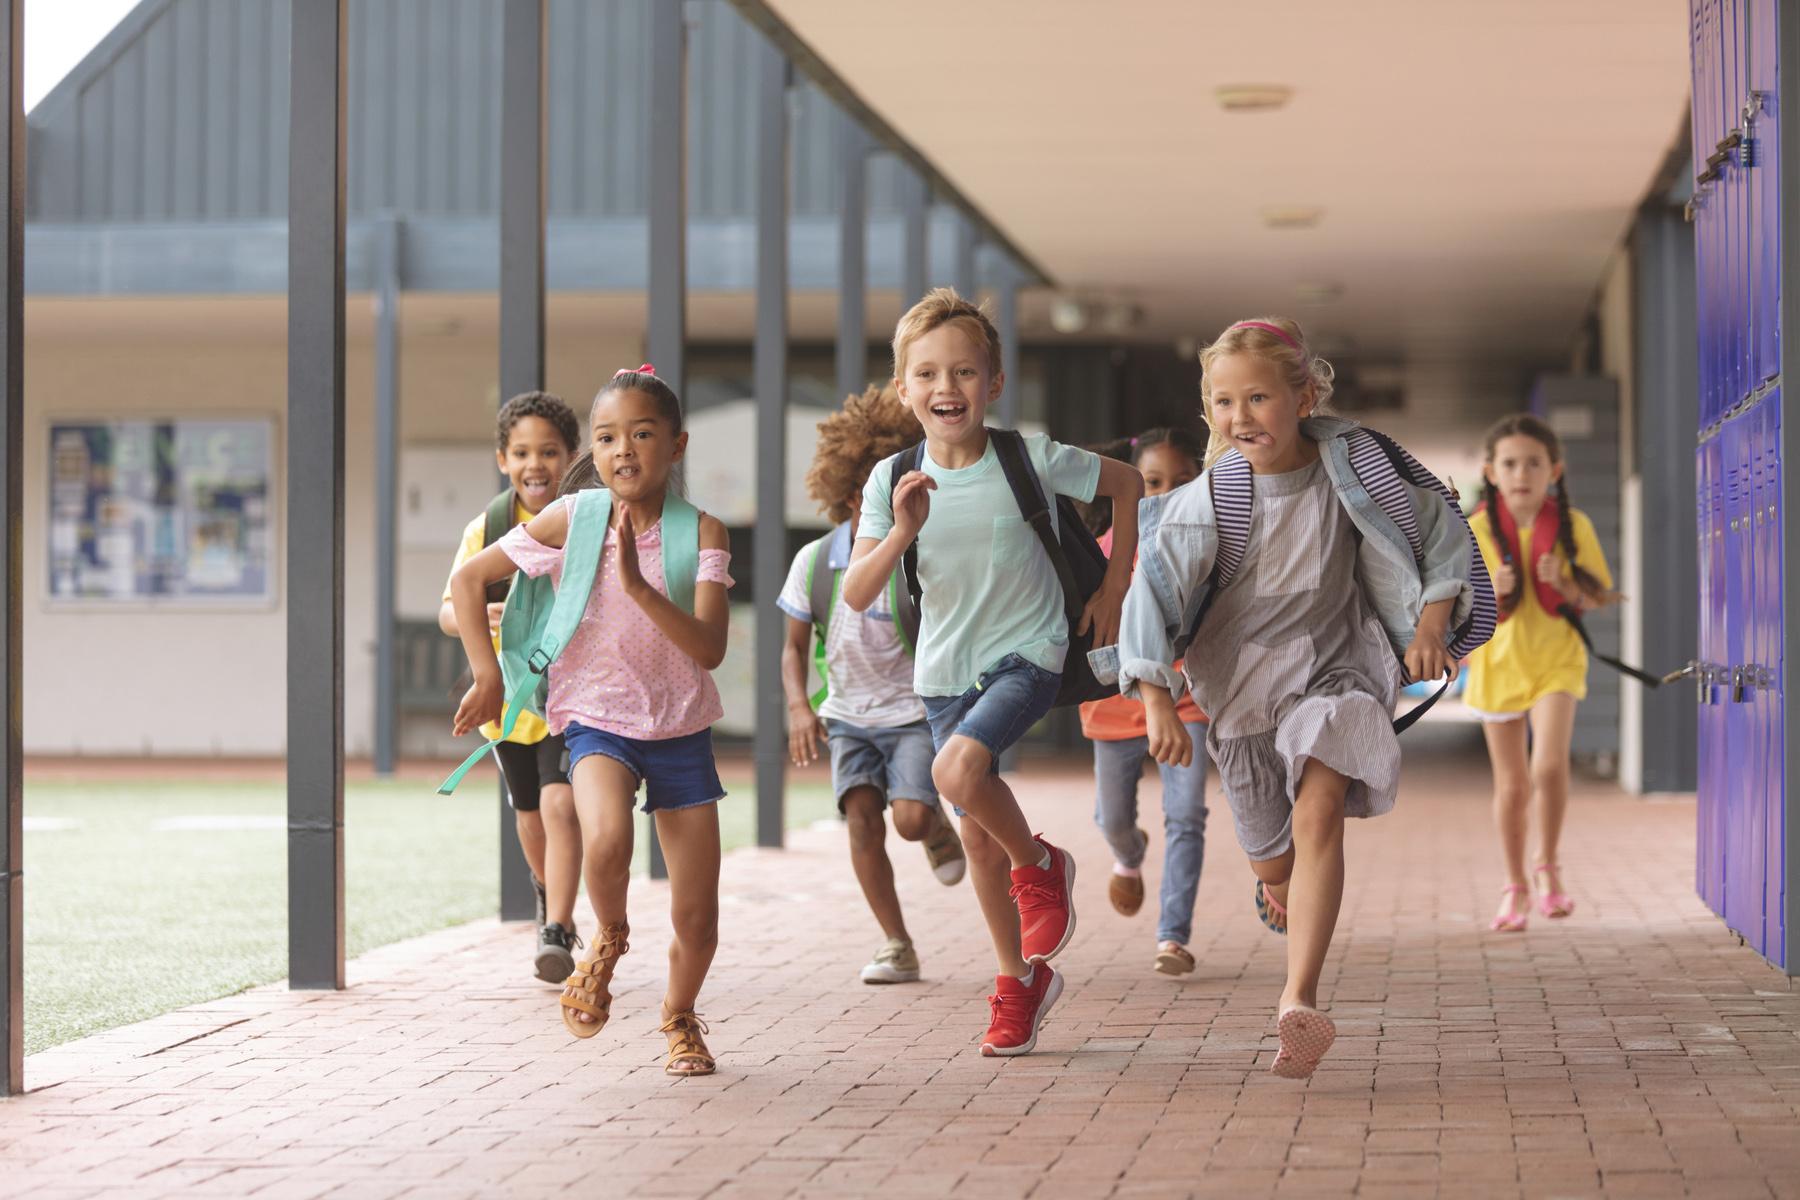 Elementary schoolchildren